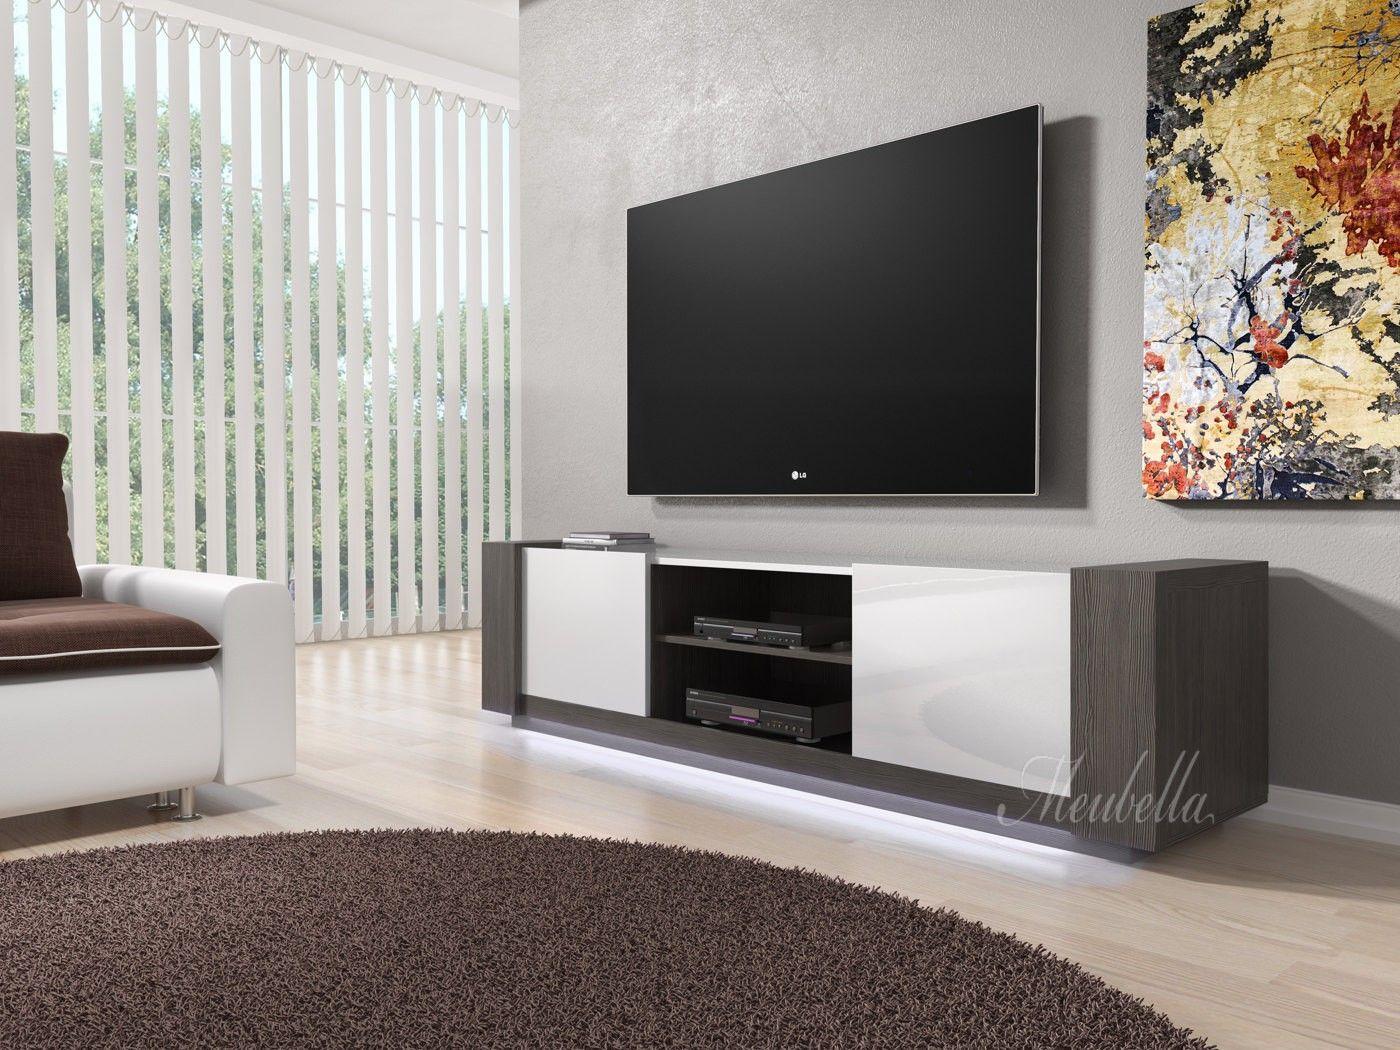 TV-Meubel Arulo met LED - Grijs eiken - Wit - 160 cm | Meubels ...